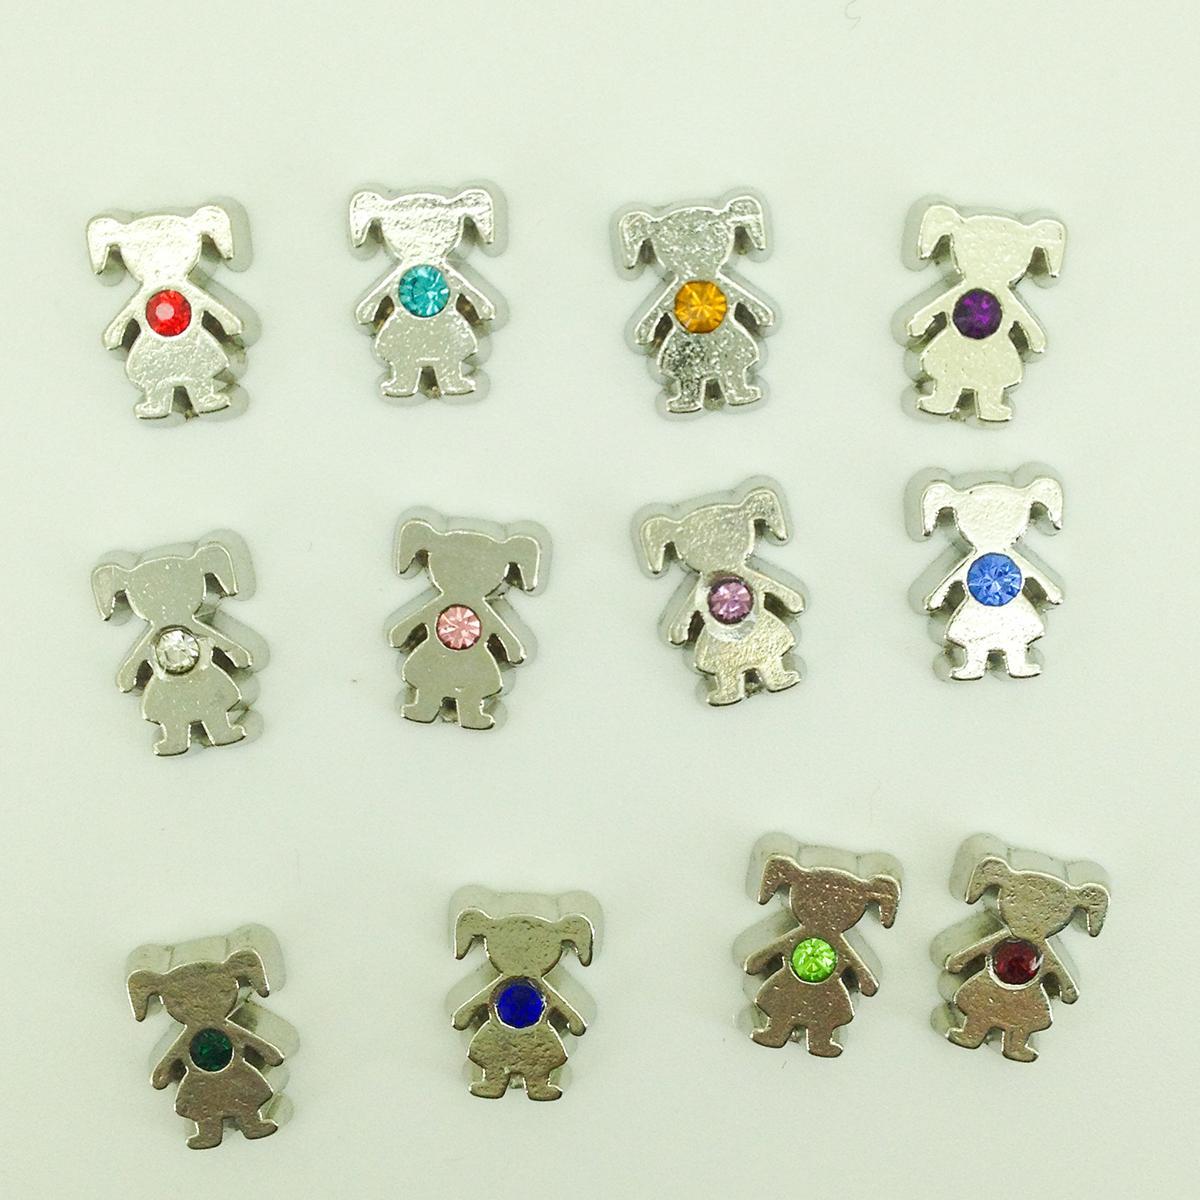 120 adet / grup DIY yeni kız rhinestone birthstones doğum günü taşları 12 renkler her renk için 10 adet yüzer charms cam yaşam hafıza lockets